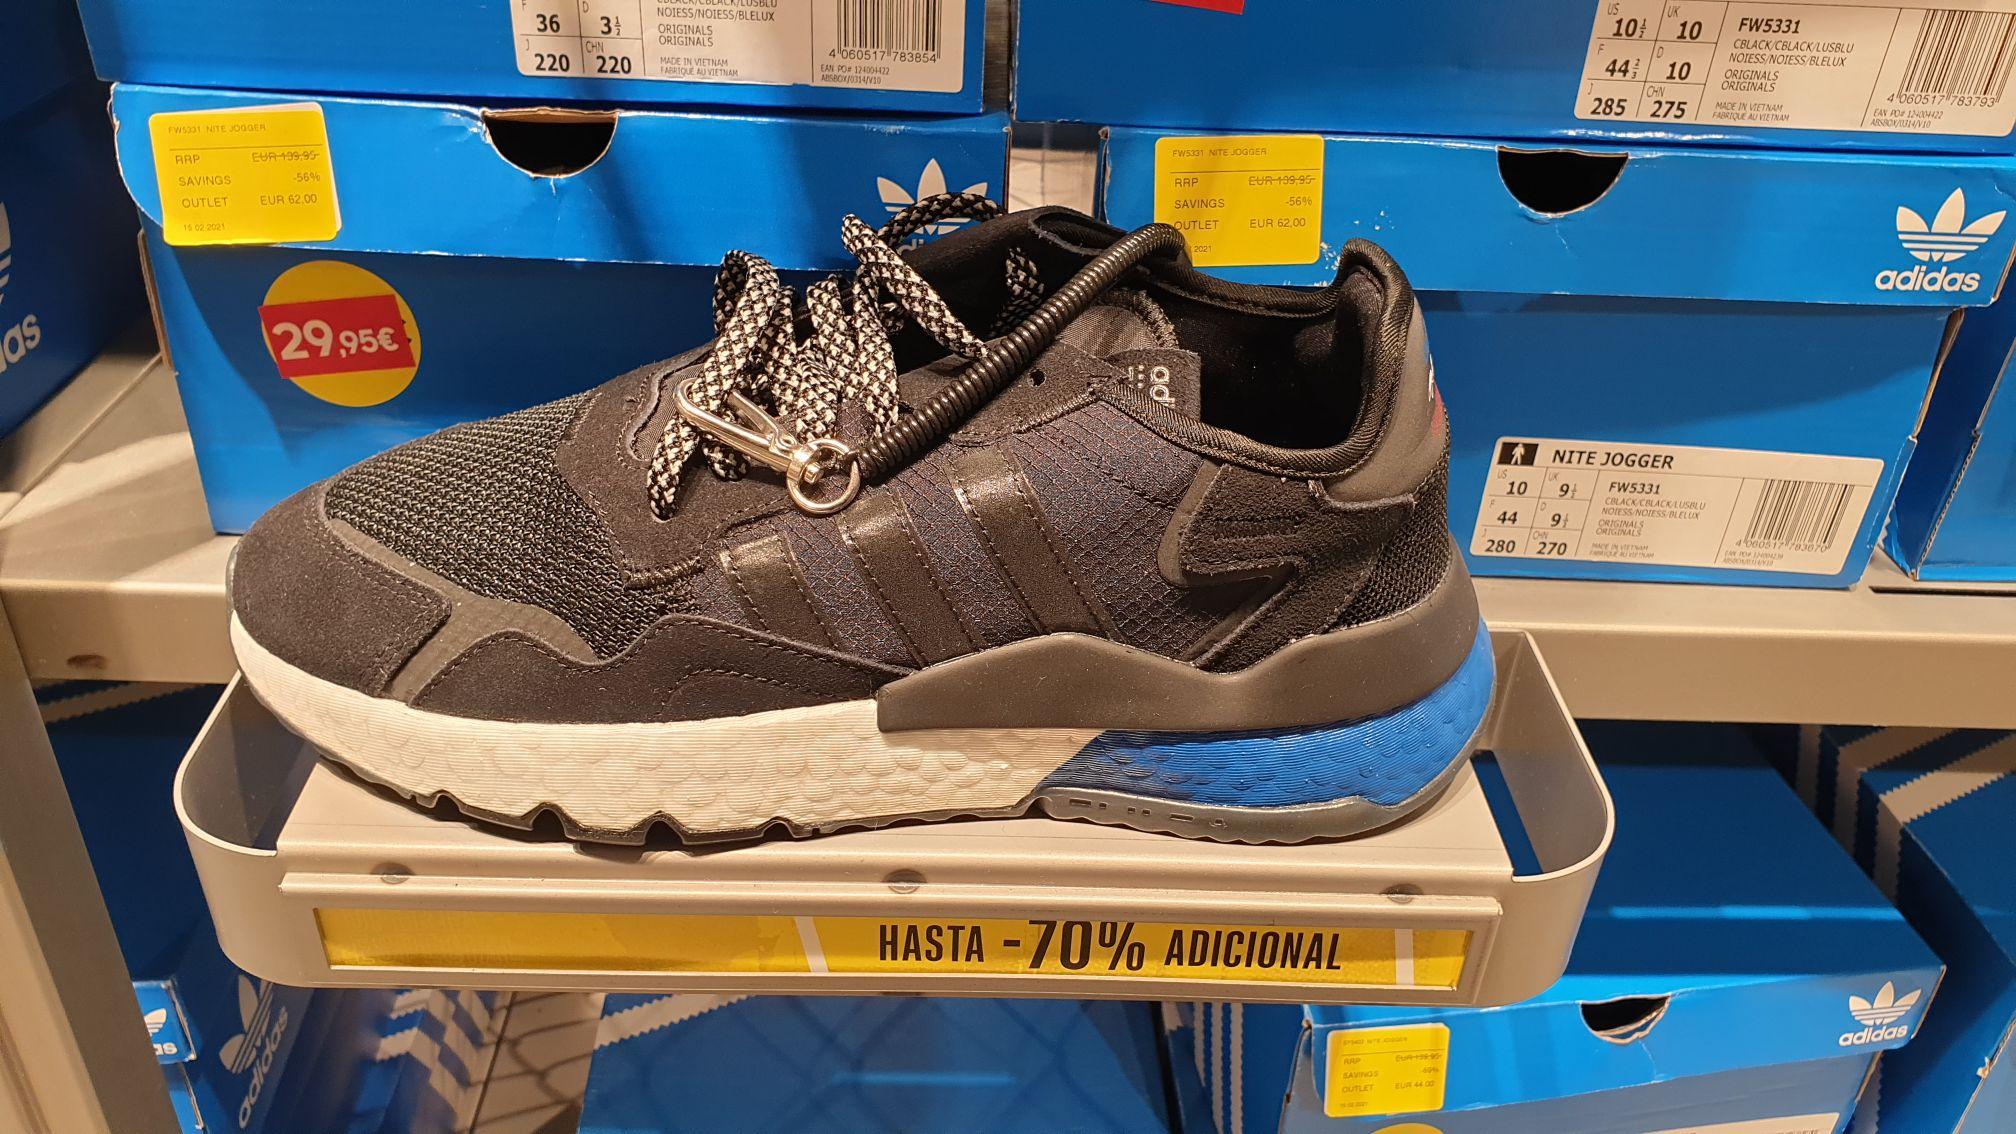 Adidas Nite Jogger (en tienda Adidas de La Torre Outlet Zaragoza)